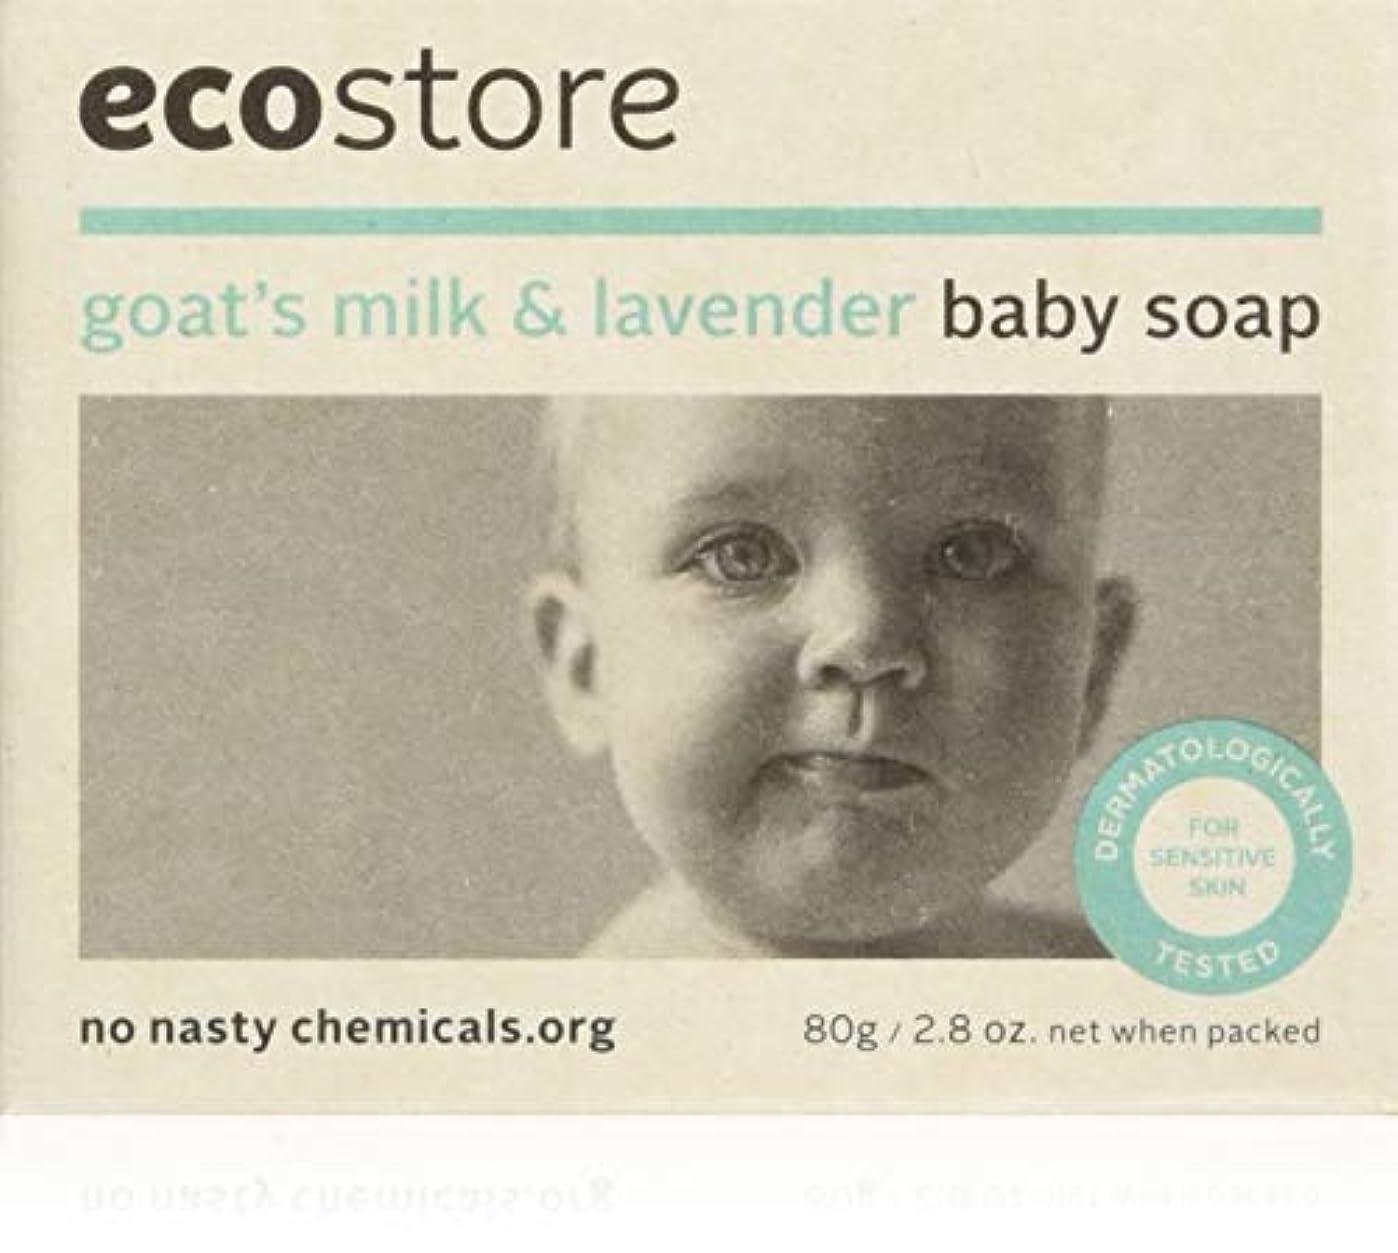 眠っている恒久的実際にecostore エコストア ベビーソープ 【ラベンダー】 80g ベビー 赤ちゃん用 石鹸